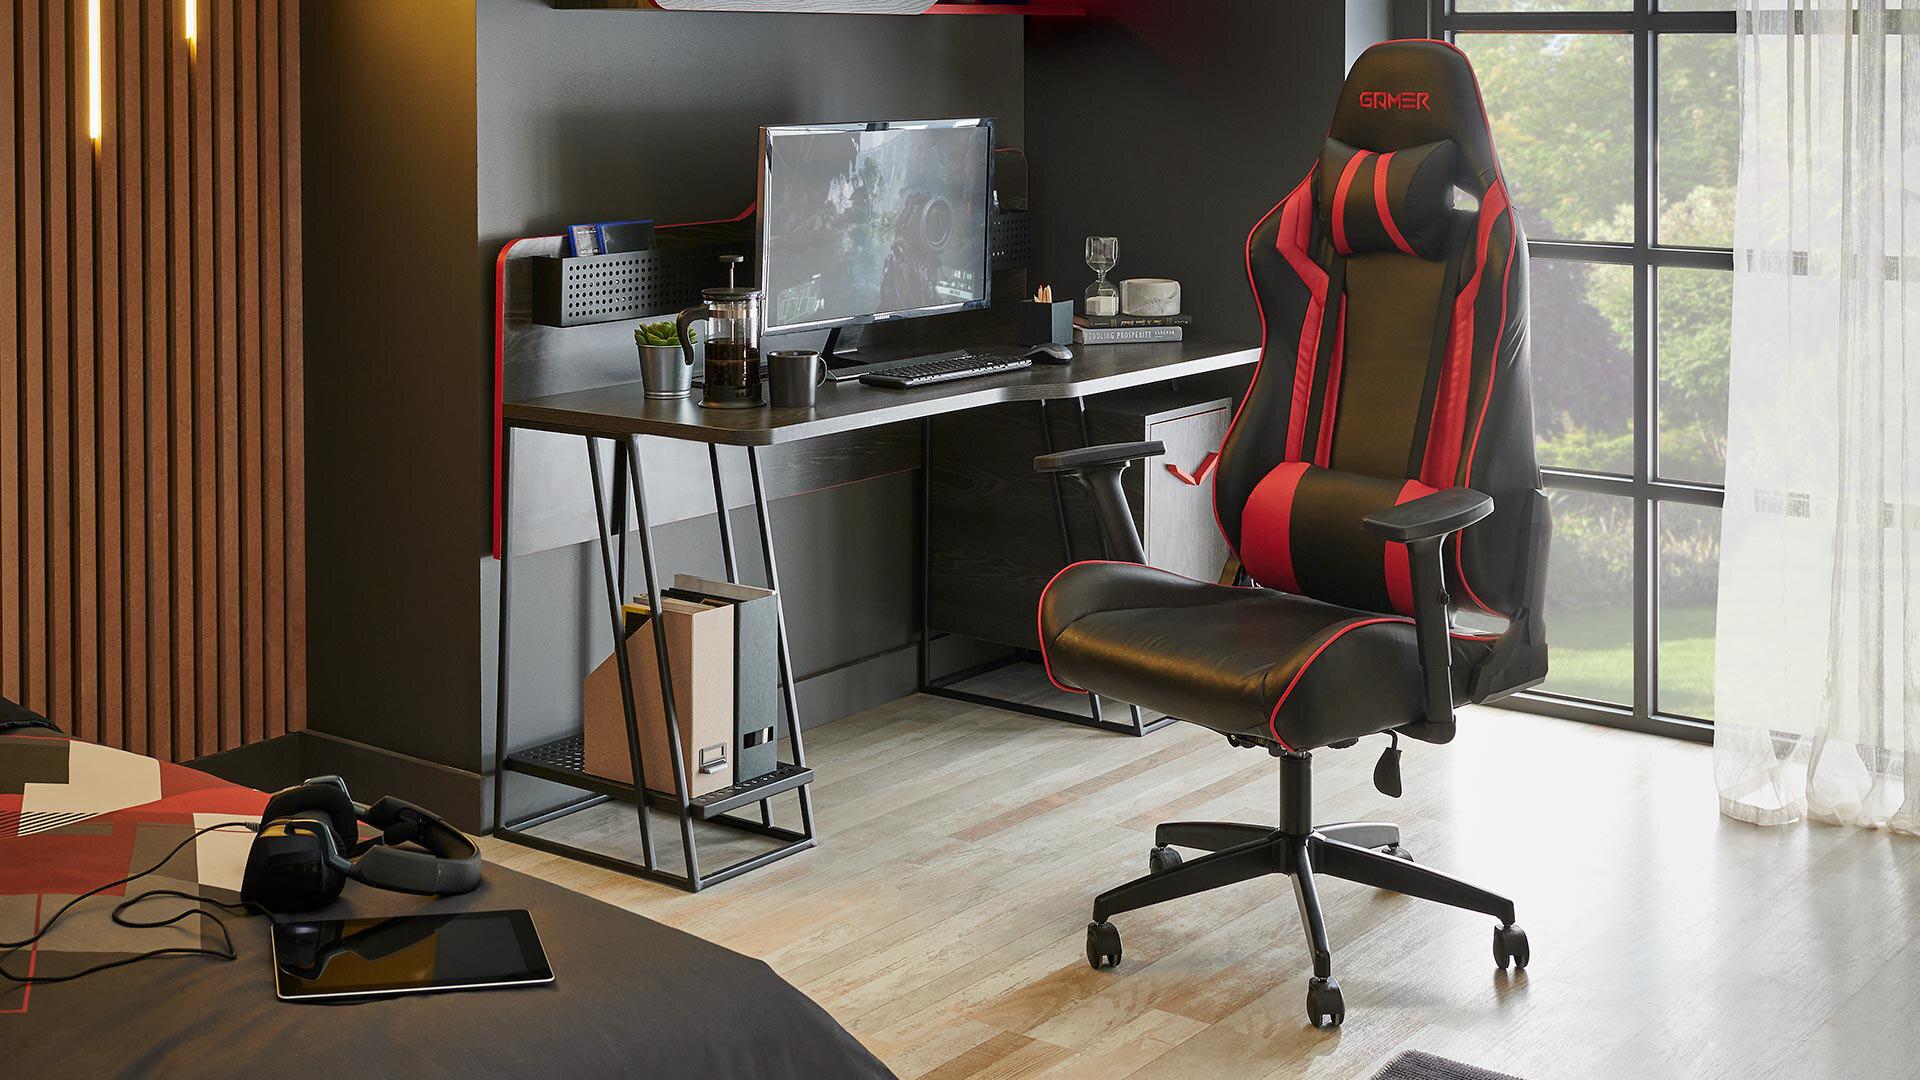 Gamer Gamer Room